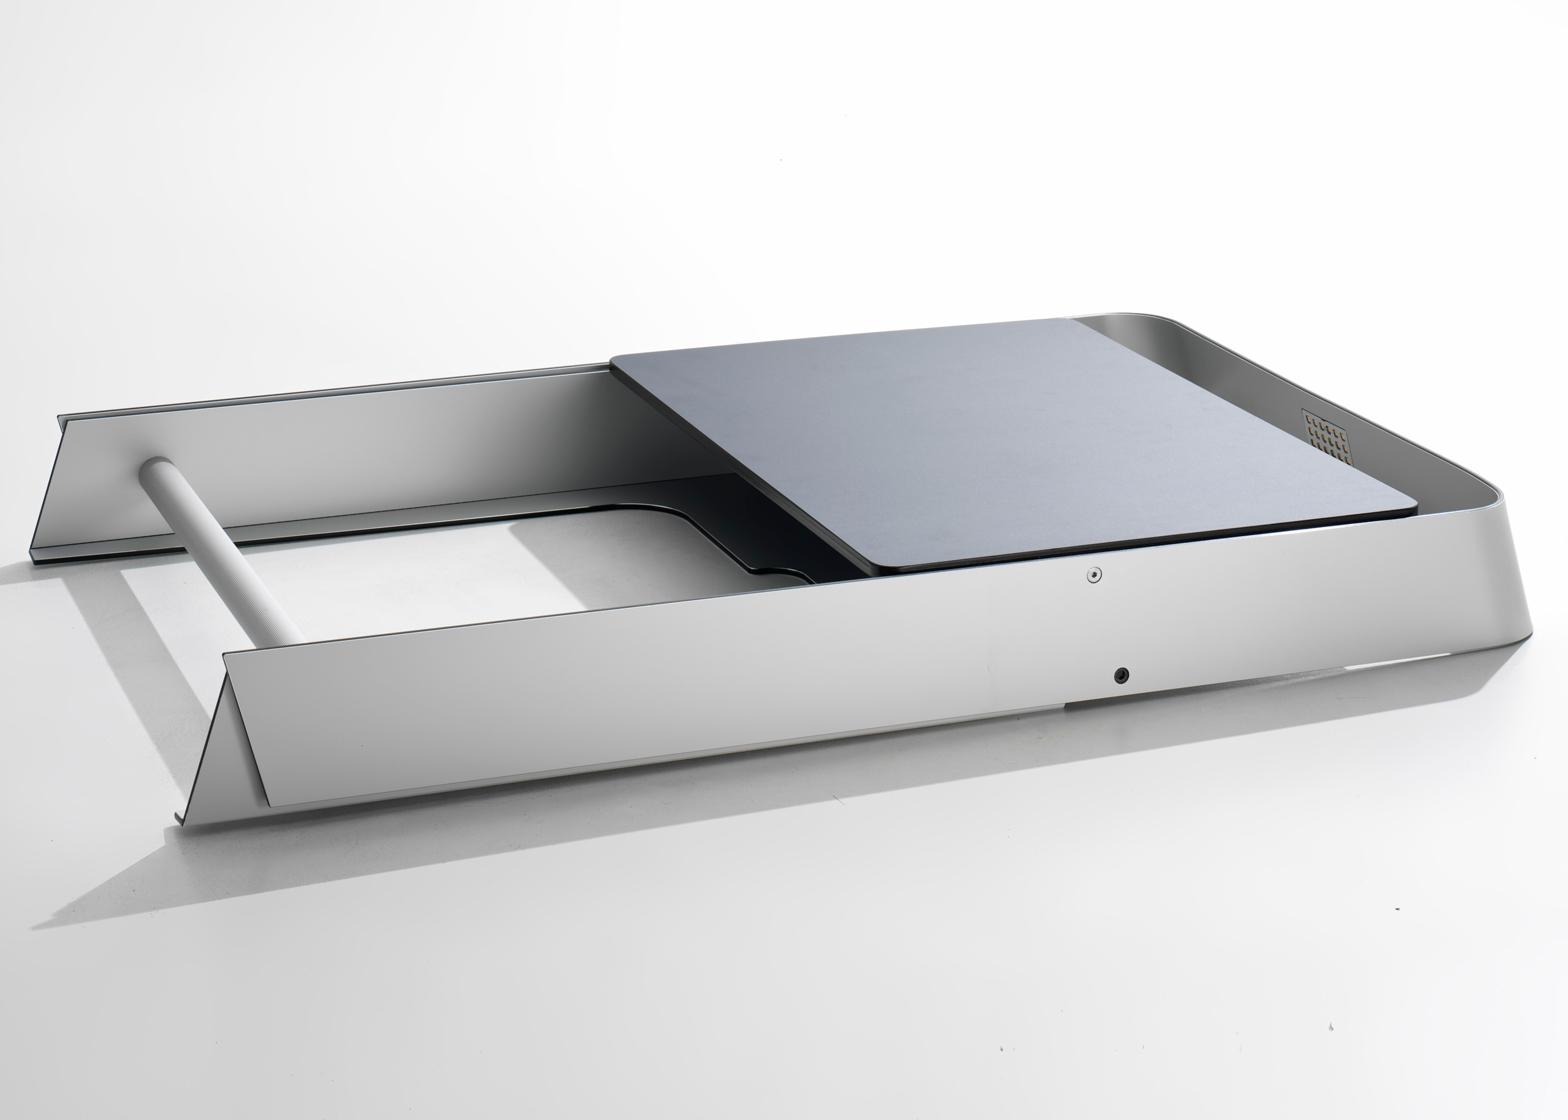 Torafu Architects' Light Light Desk folds up like a deckchair